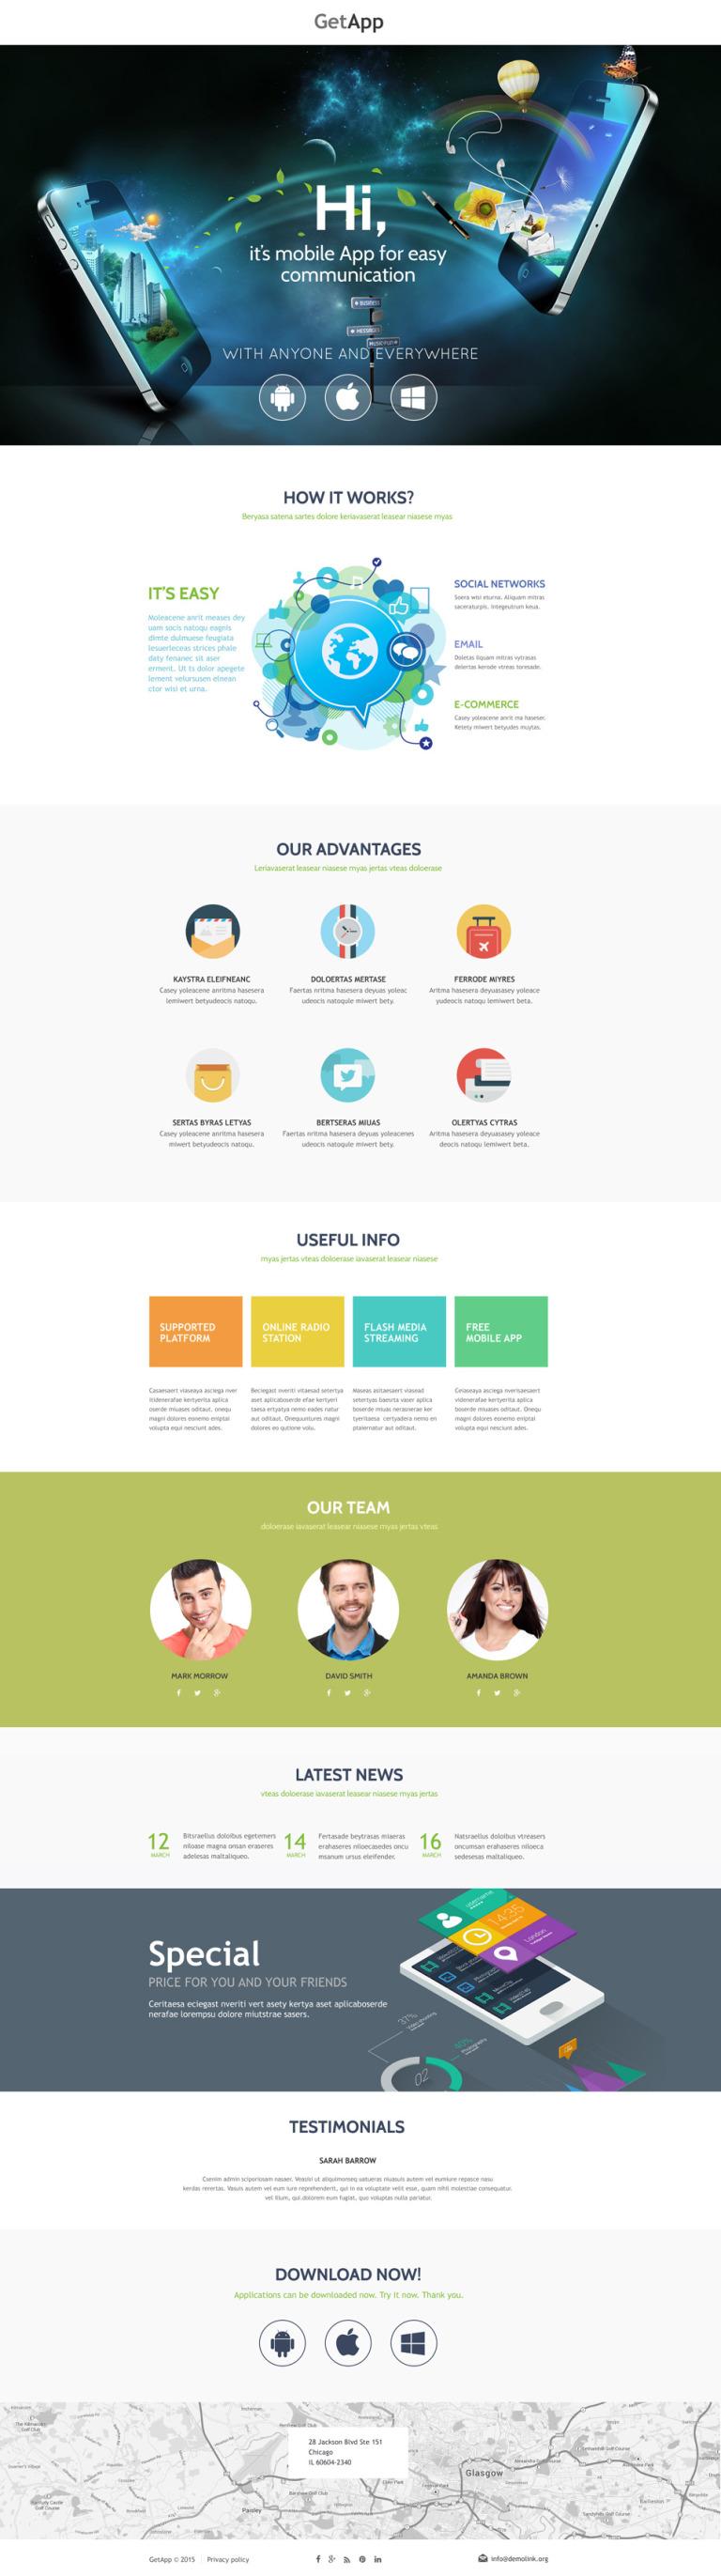 Web Development Unbounce Template New Screenshots BIG